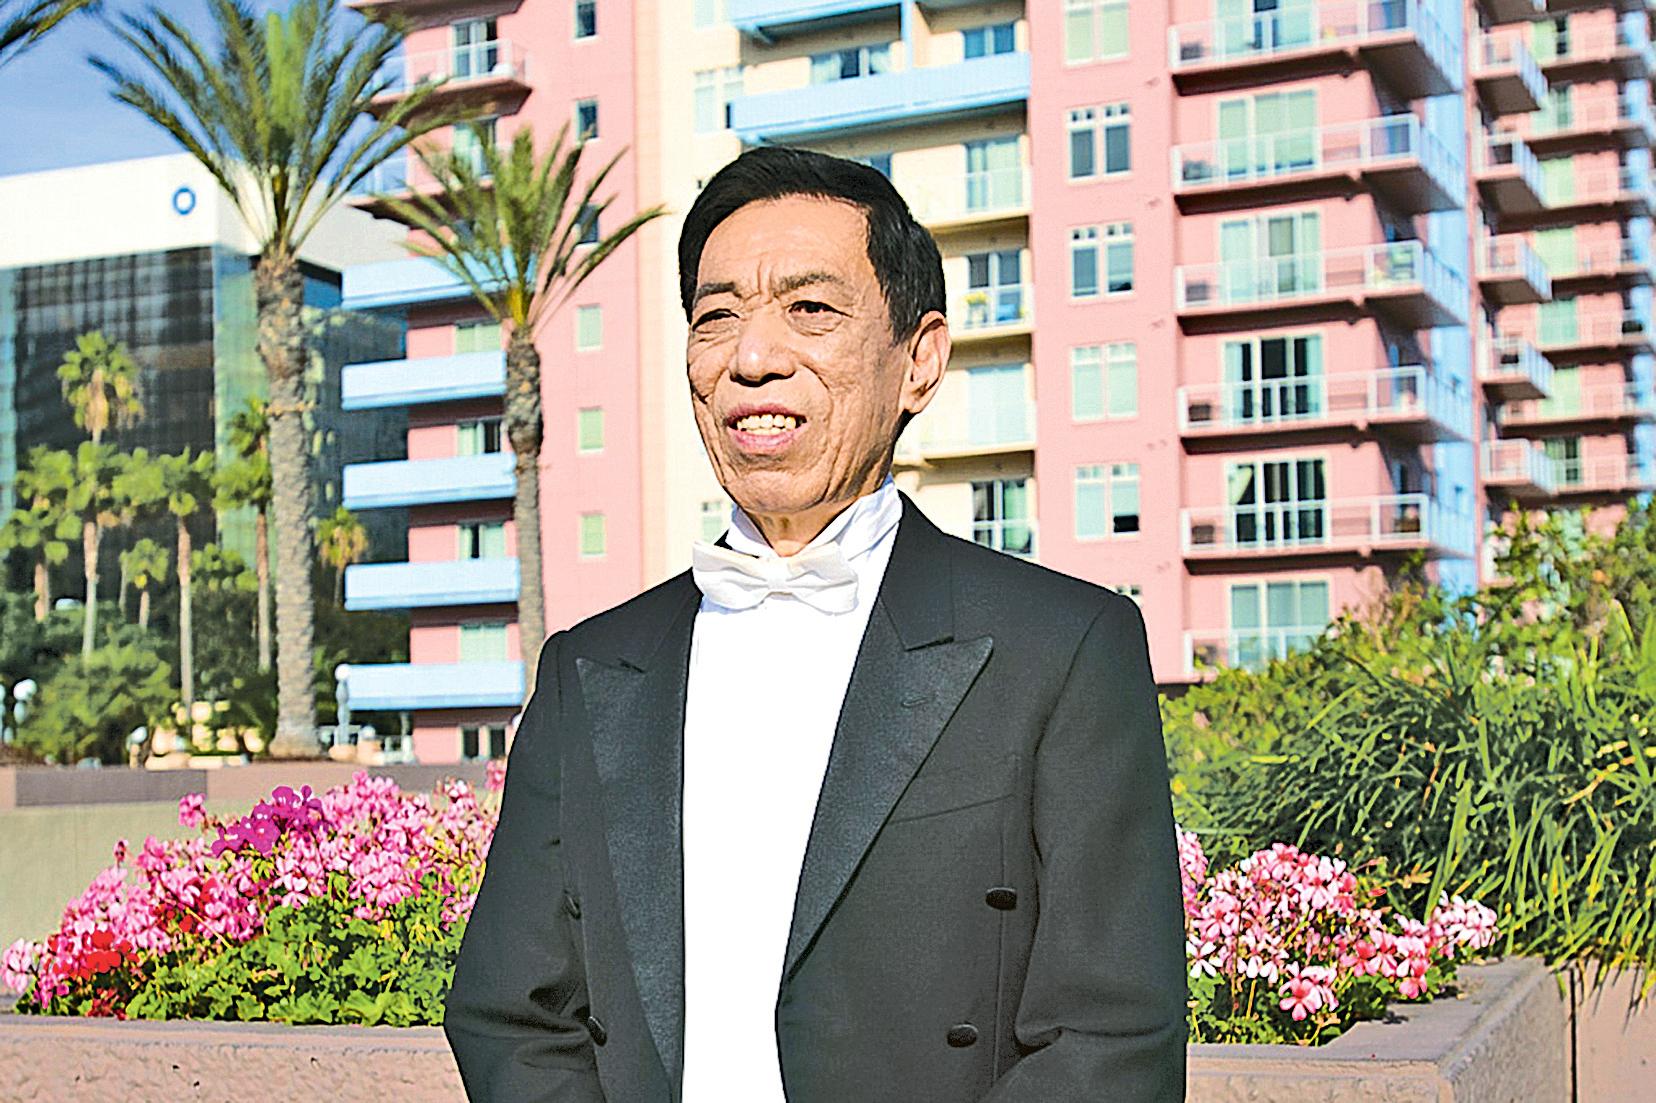 關貴敏今年73歲,是中國著名的男高音歌唱家。他說,自從改用神韻總導演教的這種美聲唱法後,聲音聽起來仍然很年輕,高音不亞於當年。(大紀元資料室)